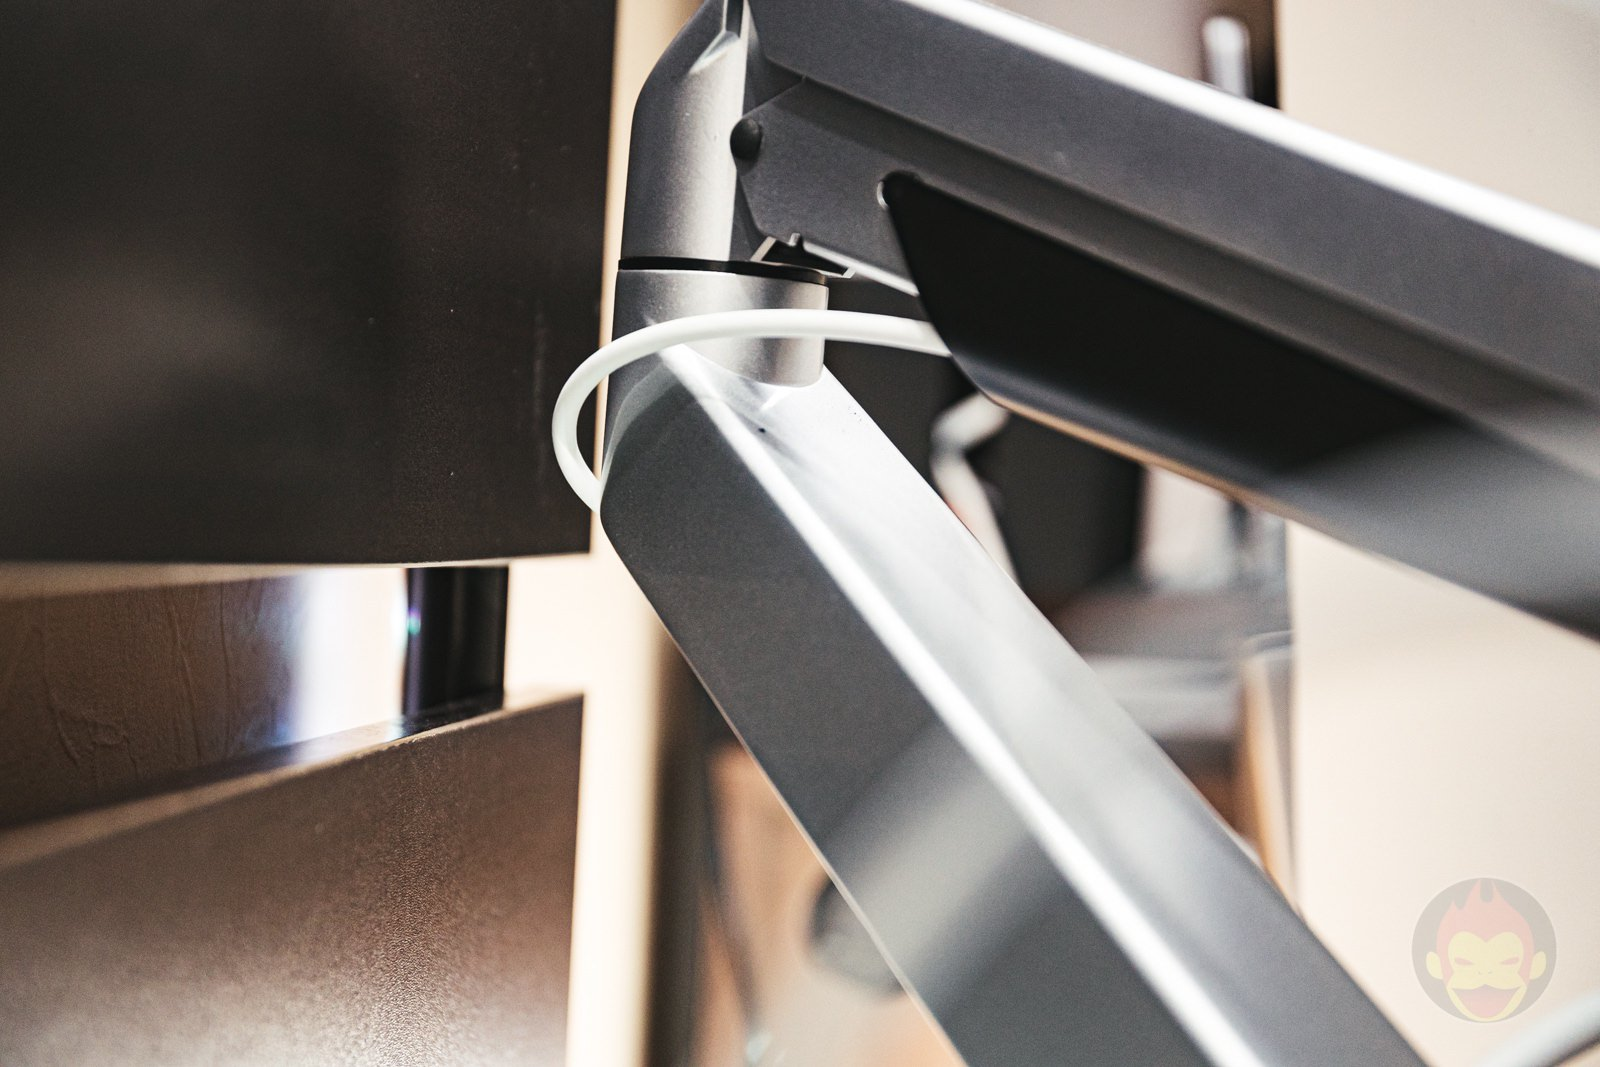 Sanwa Supply Monitor Arm Review 05